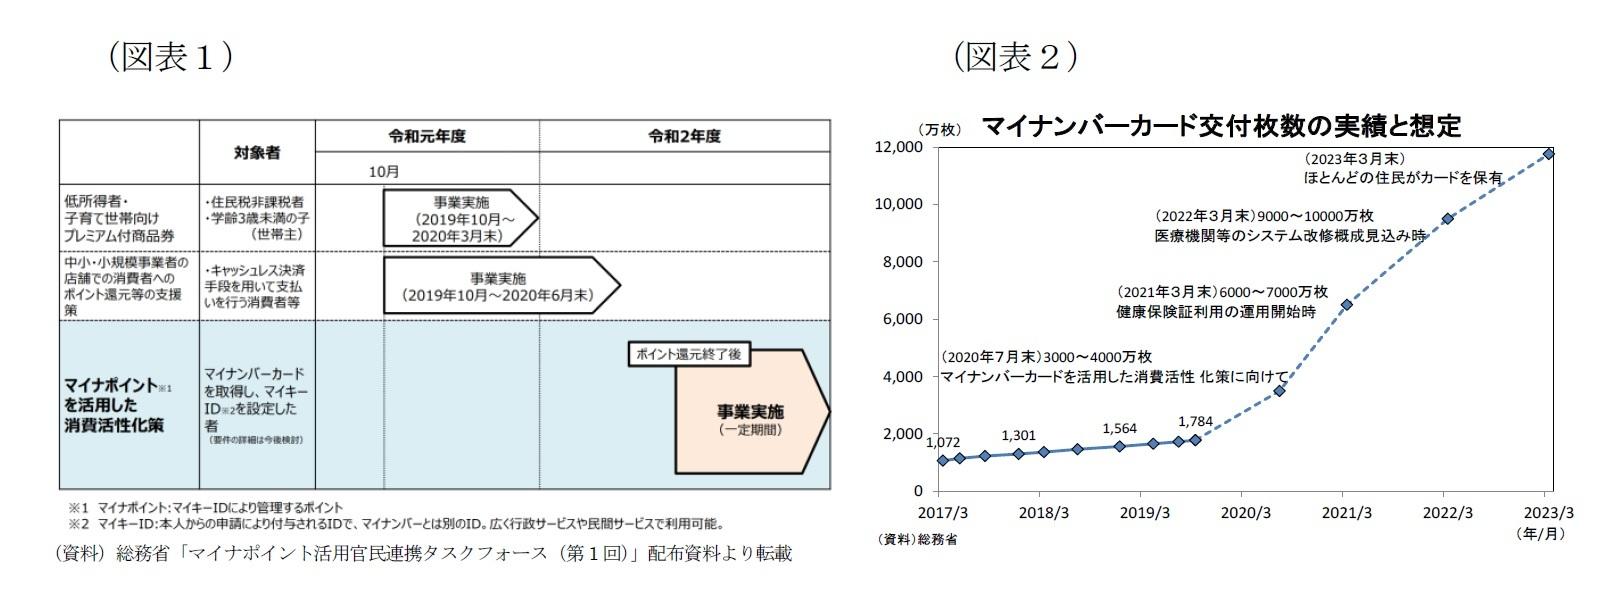 (図表1)政府のマイナポイント導入の狙い/(図表2)マイナンバーカード交付枚数の実績と想定